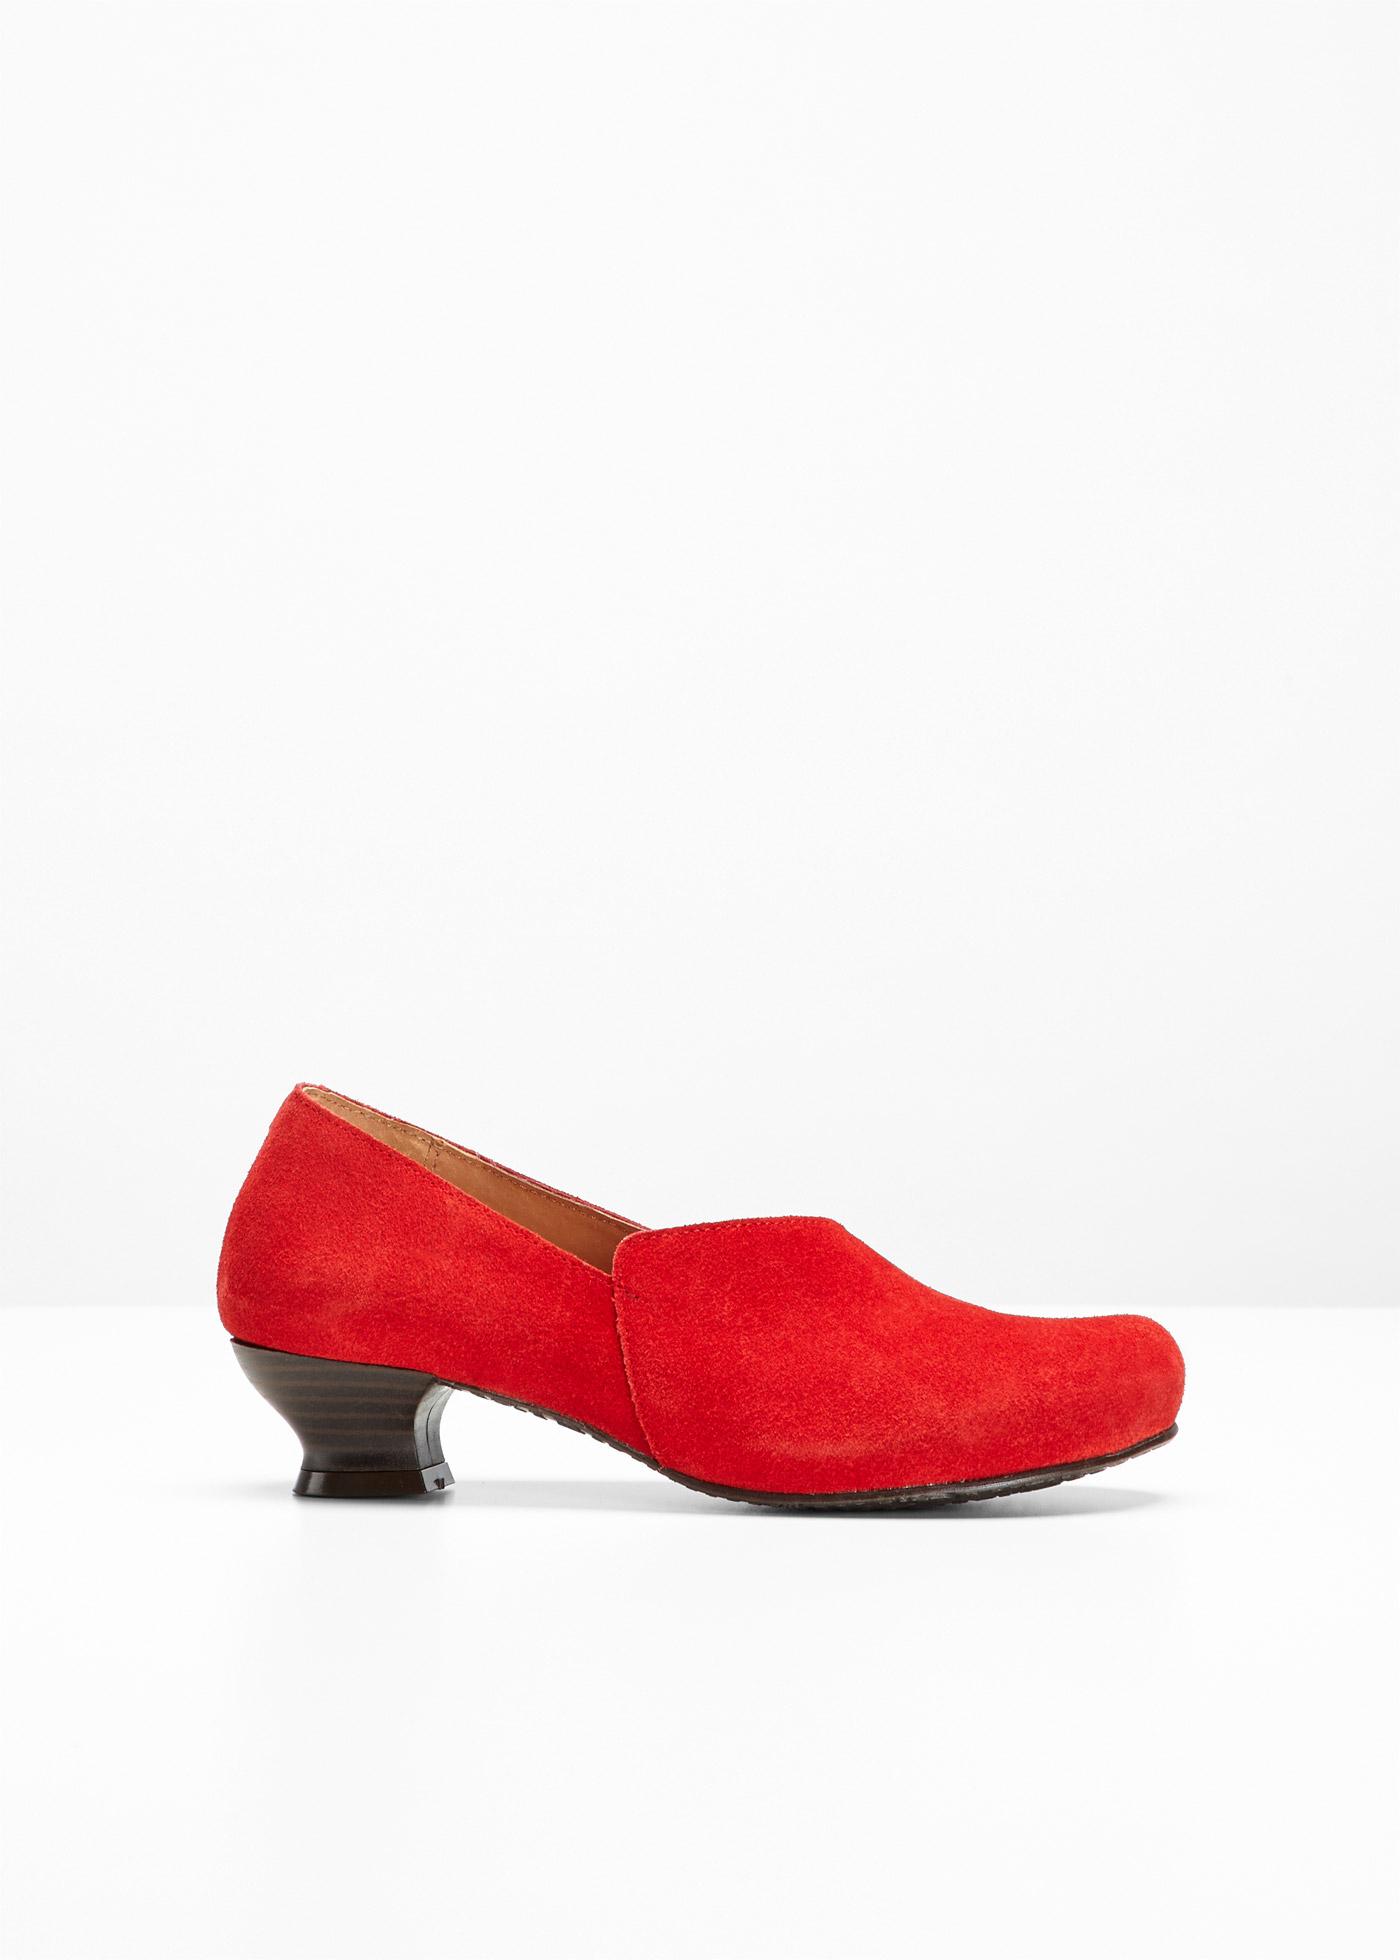 Selection BonprixSlippers Confortables Cuir Bpc Pour En Femme Rouge AL5Rq34j